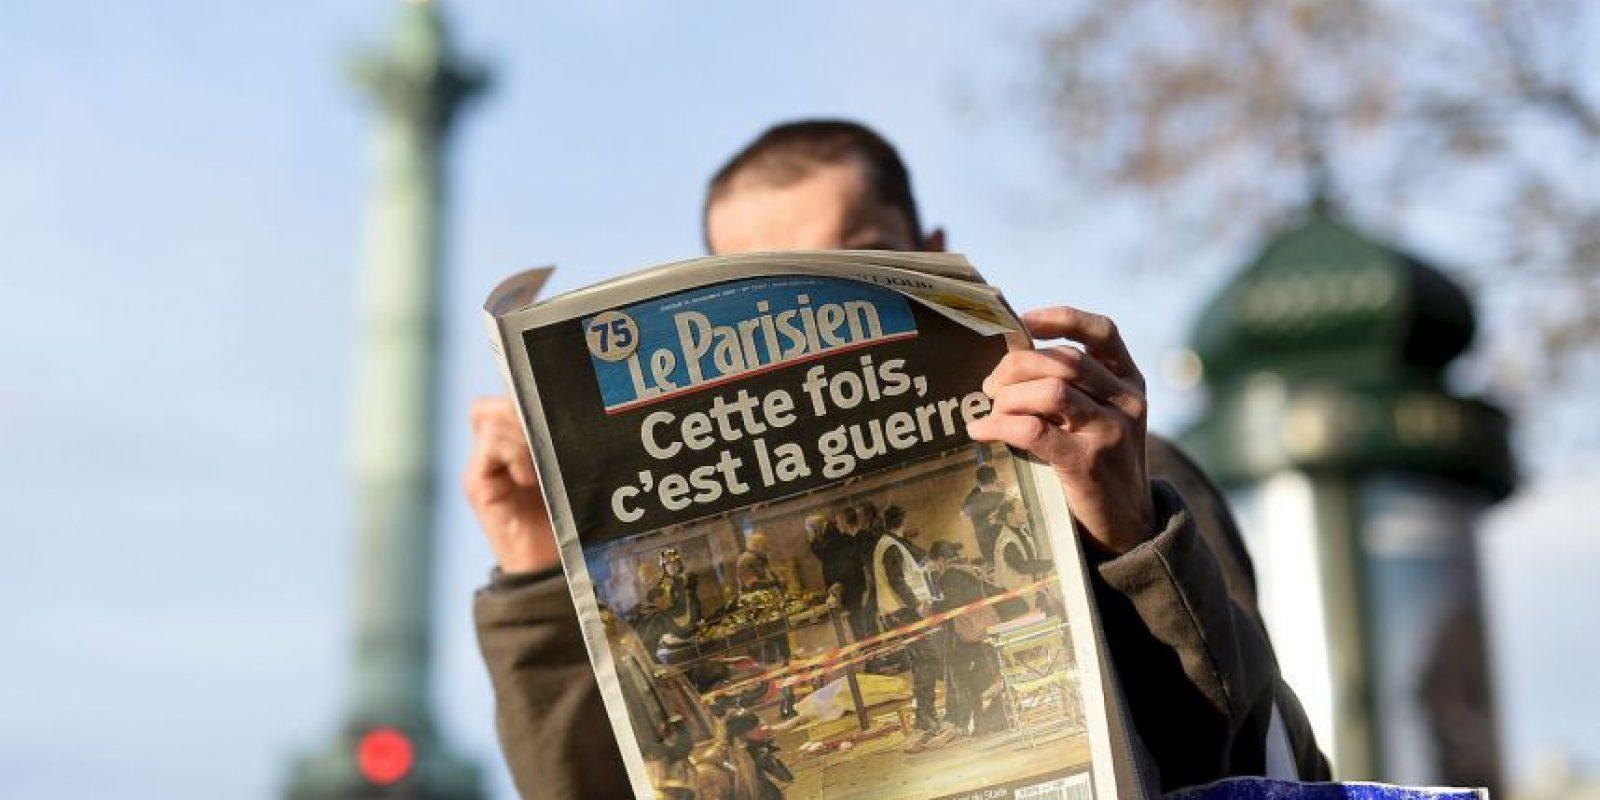 """""""Esta vez se trata de la guerra"""", escribió el diario """"Le Parisien"""" en su portada. Foto:Getty Images"""